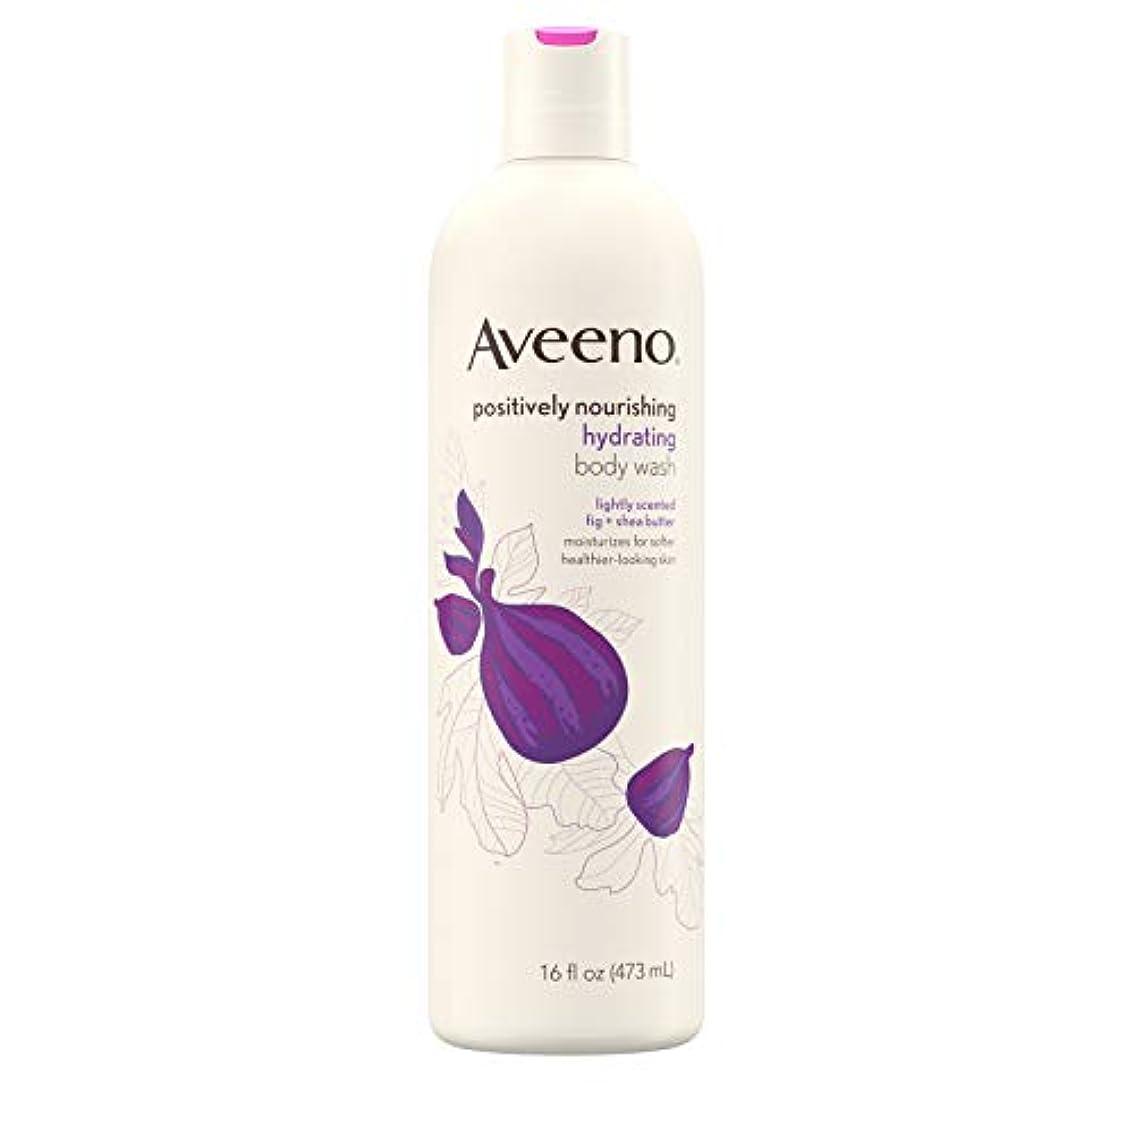 脚本家ムスタチオ年金New Aveeno Positively Nourishing New Aveeno Ultra Hydrating Body Wash, 470ml